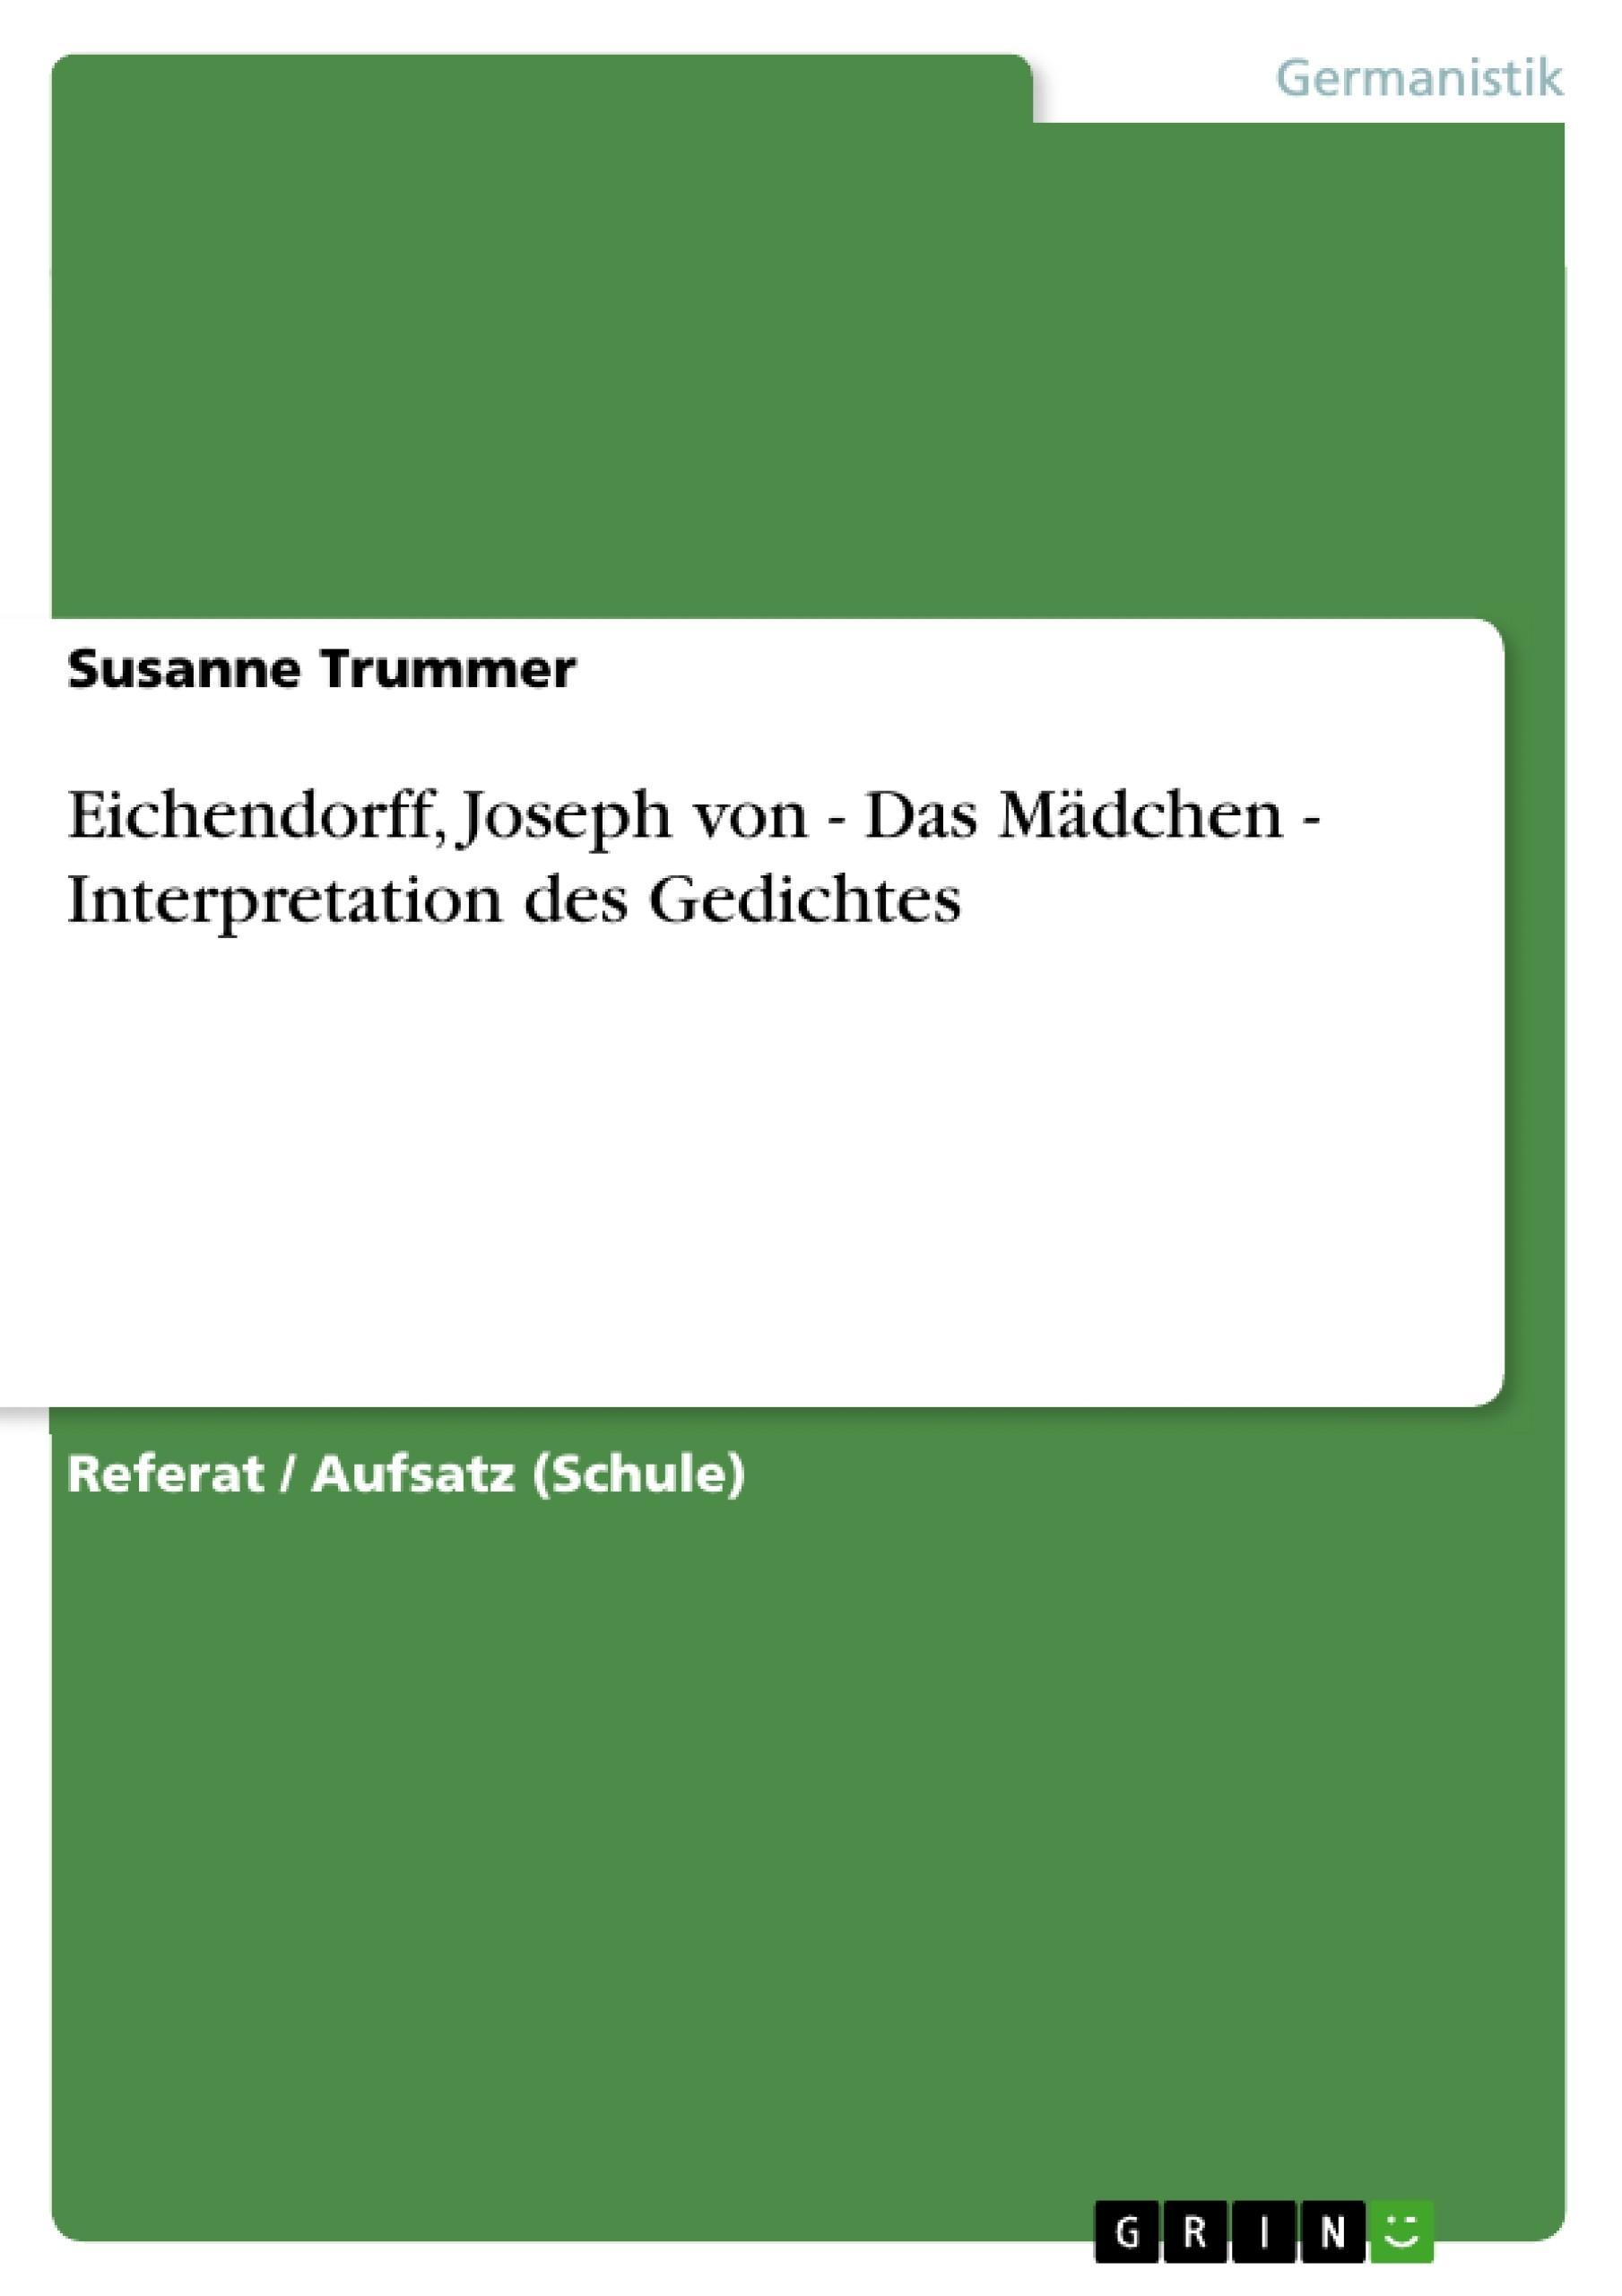 Titel: Eichendorff, Joseph von - Das Mädchen - Interpretation des Gedichtes